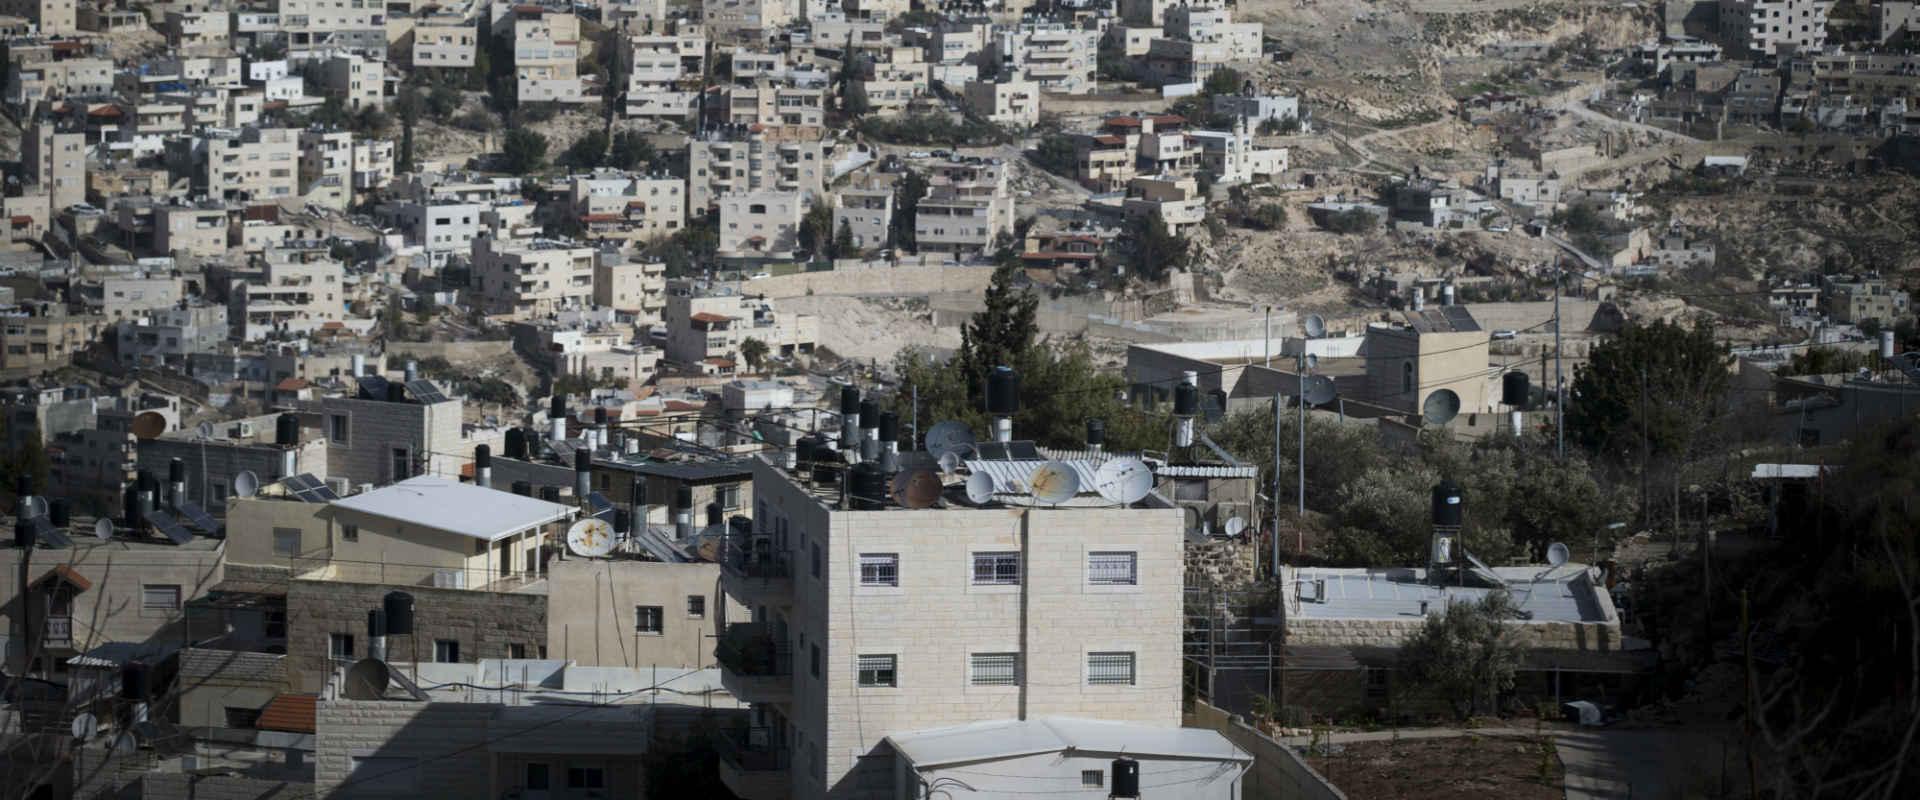 שכונת ג'בל מוכבר במזרח ירושלים, ארכיון